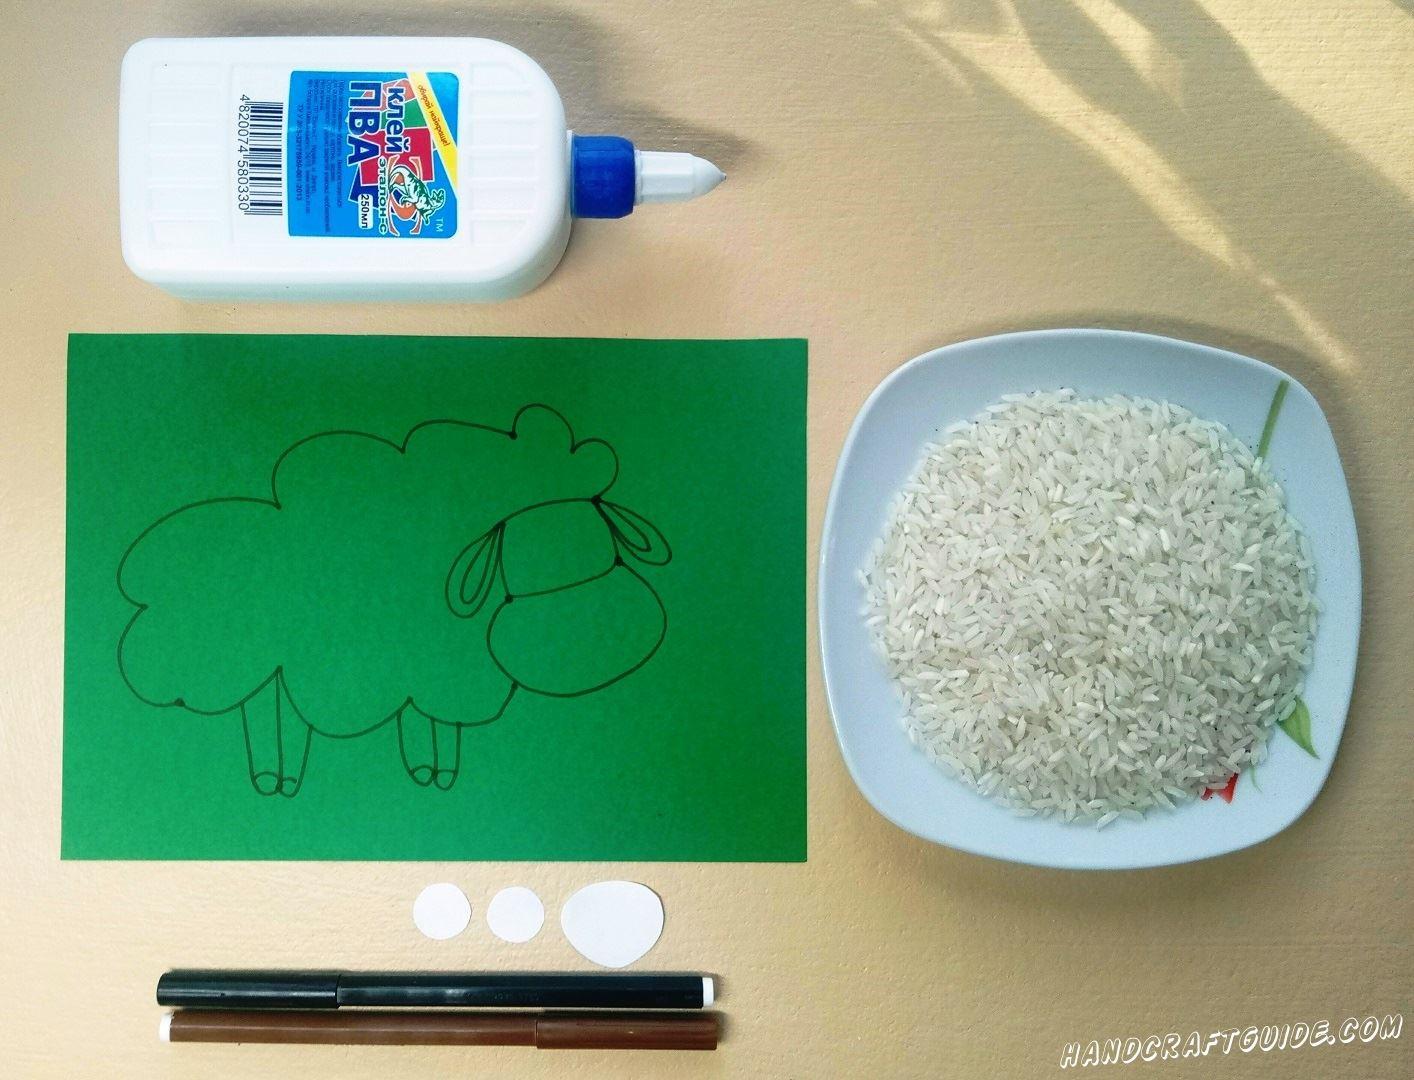 На зелёном листе бумаги мы рисуем барашка, как показано на фото